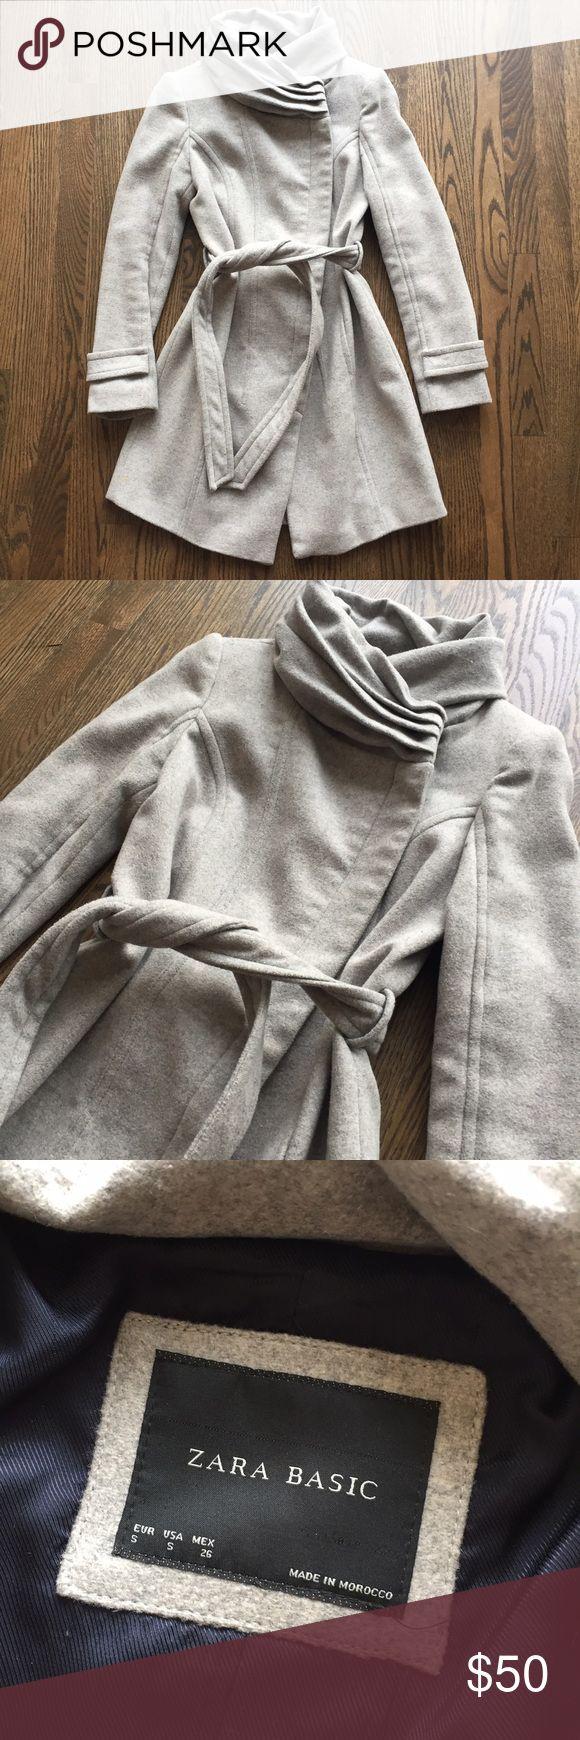 Grey Zara winter coat size Small Perfect condition! Barely worn. Size small, grey, wool, winter coat. Ties at the waist. Navy silk lining. Zara Jackets & Coats